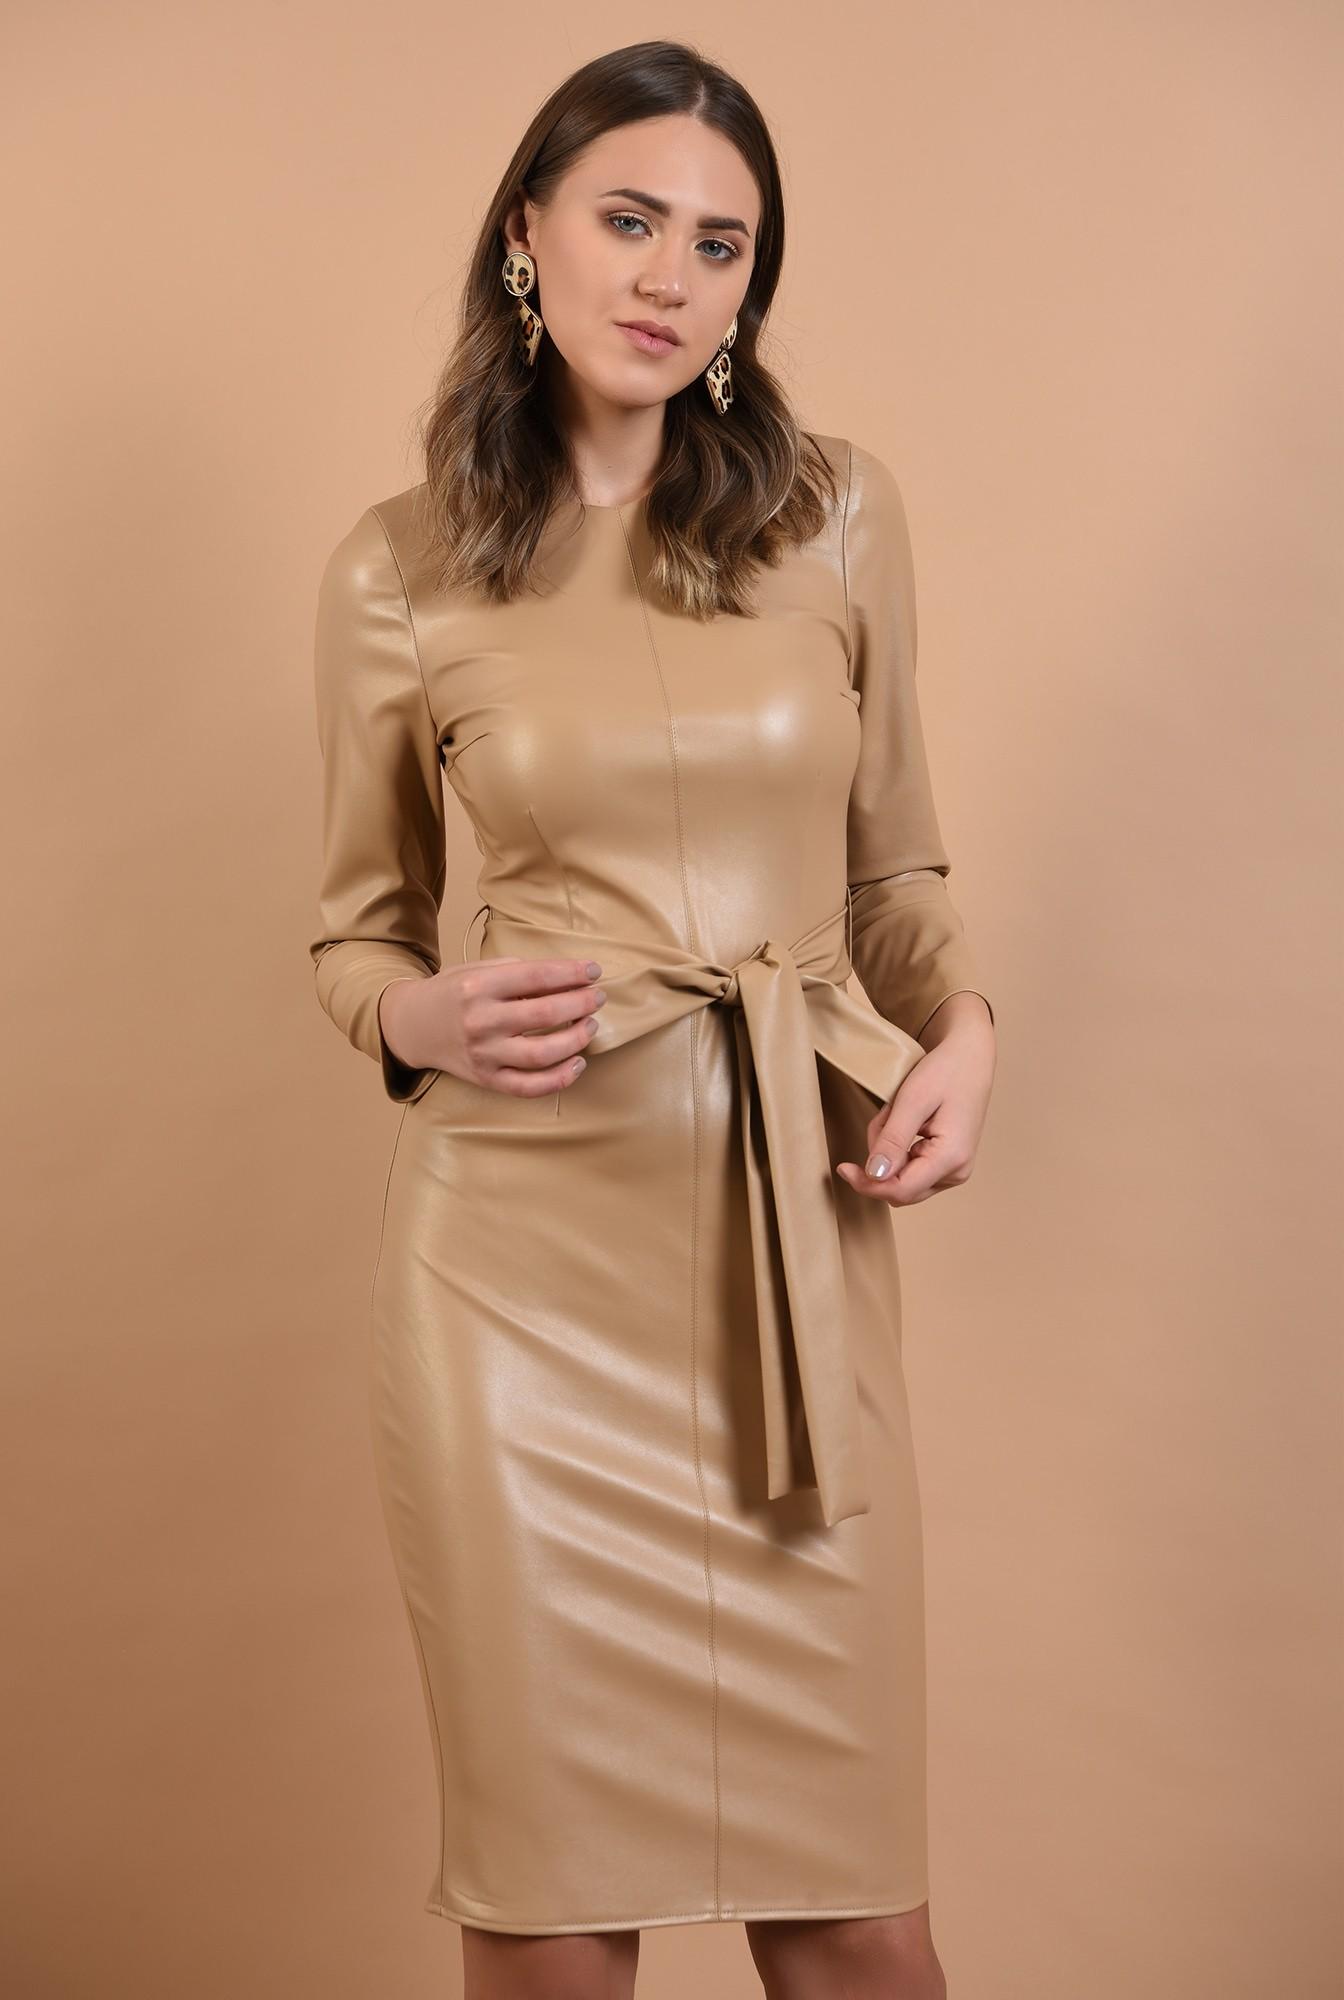 0 - rochie midi, conica, cu cordon, piele eco, nude